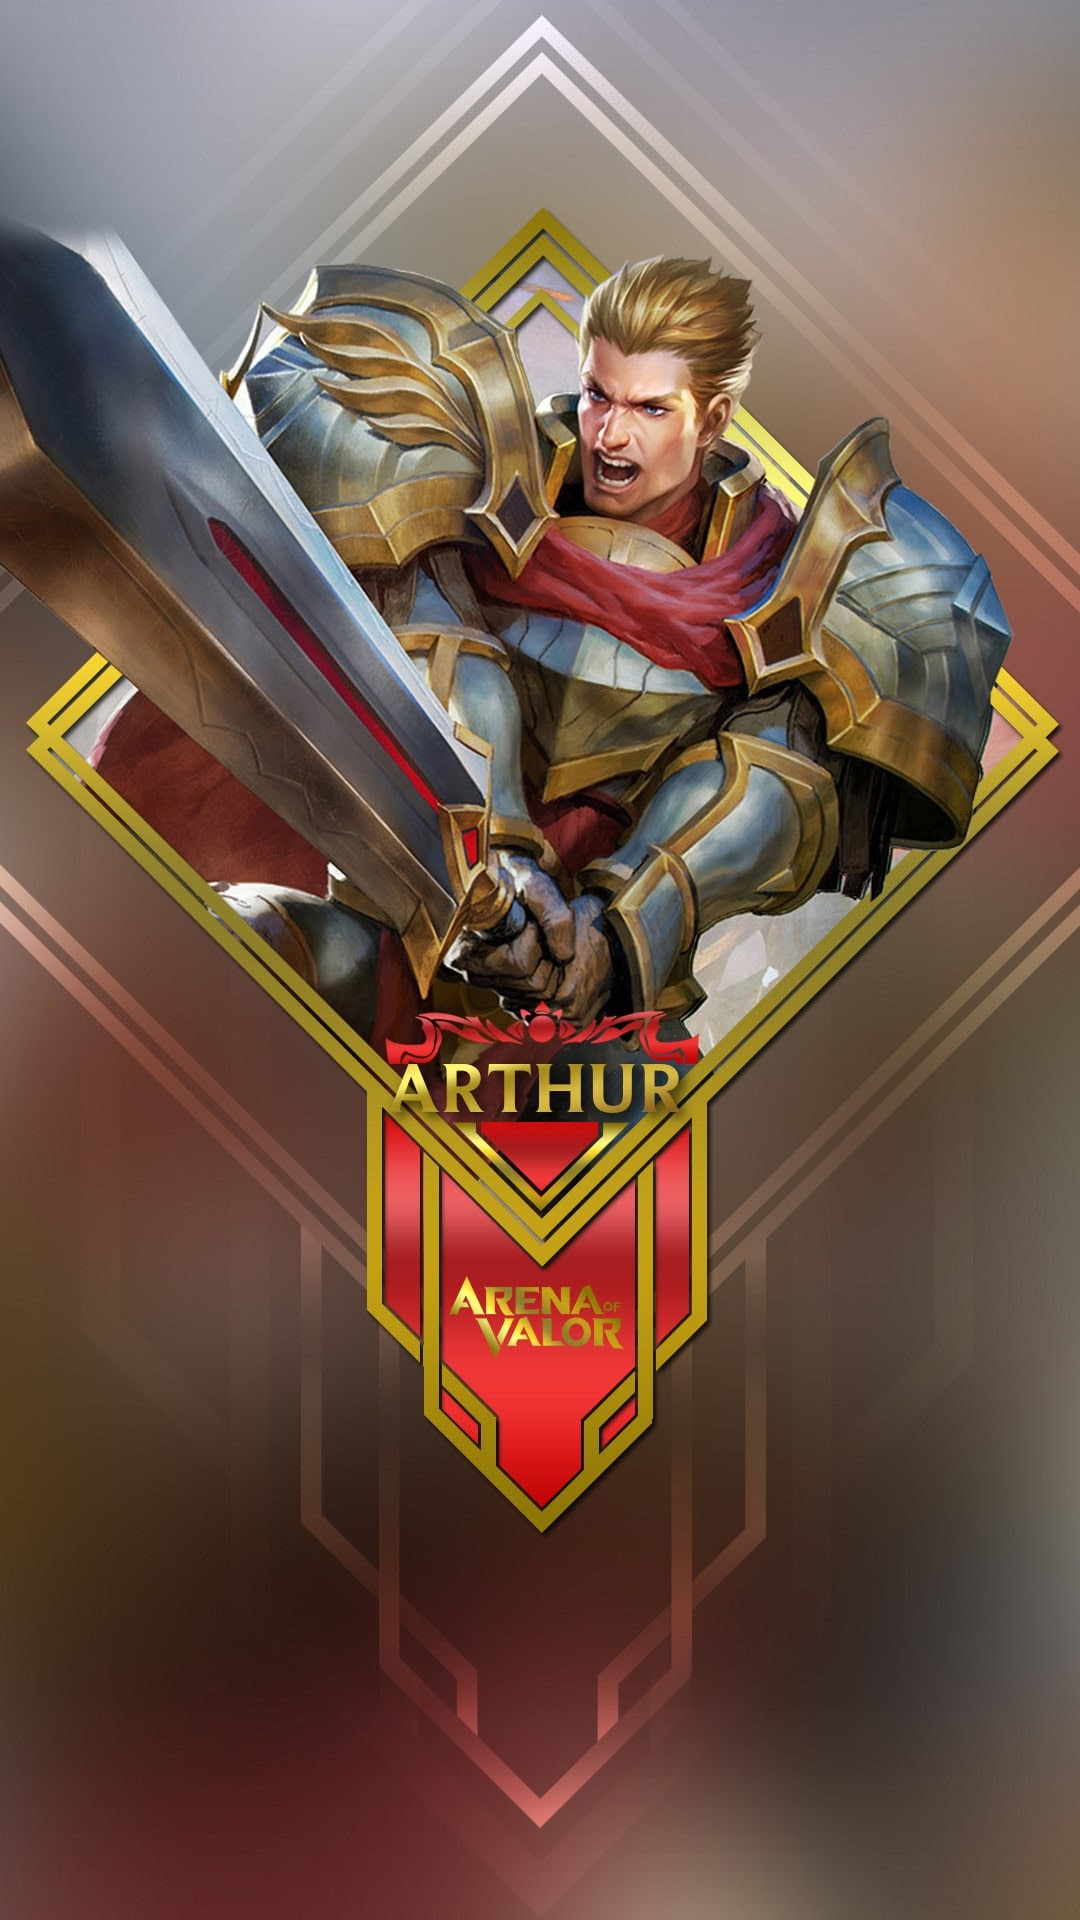 Hình nền liên quân Mobile cho điện thoại - Tướng Arthur